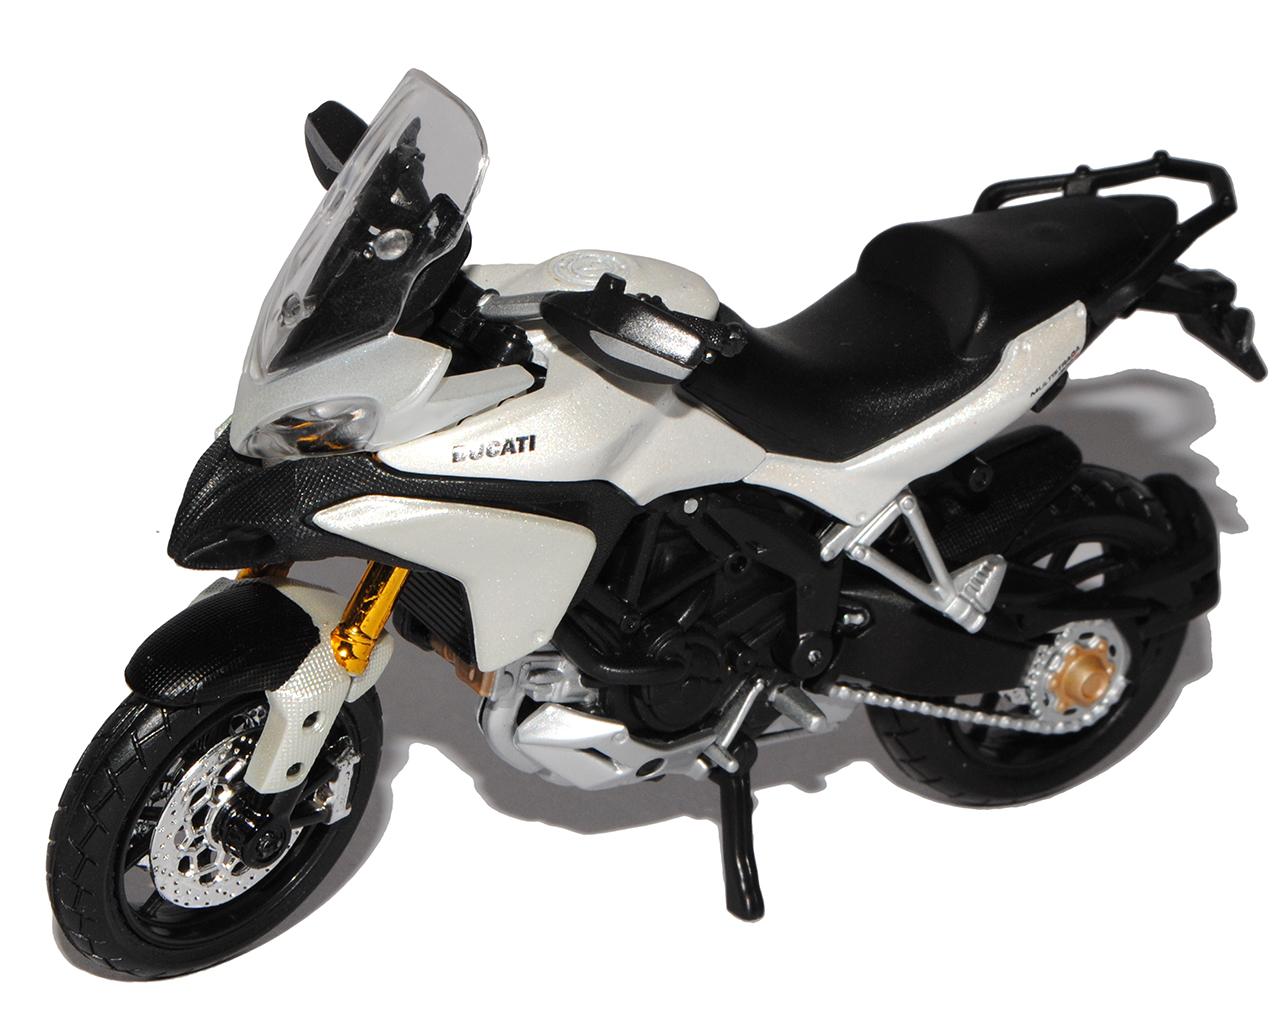 DUCATI MULTISTRADA 1200s bianca a partire dal 2010 con socket 1//18 Maisto Moto Modello...